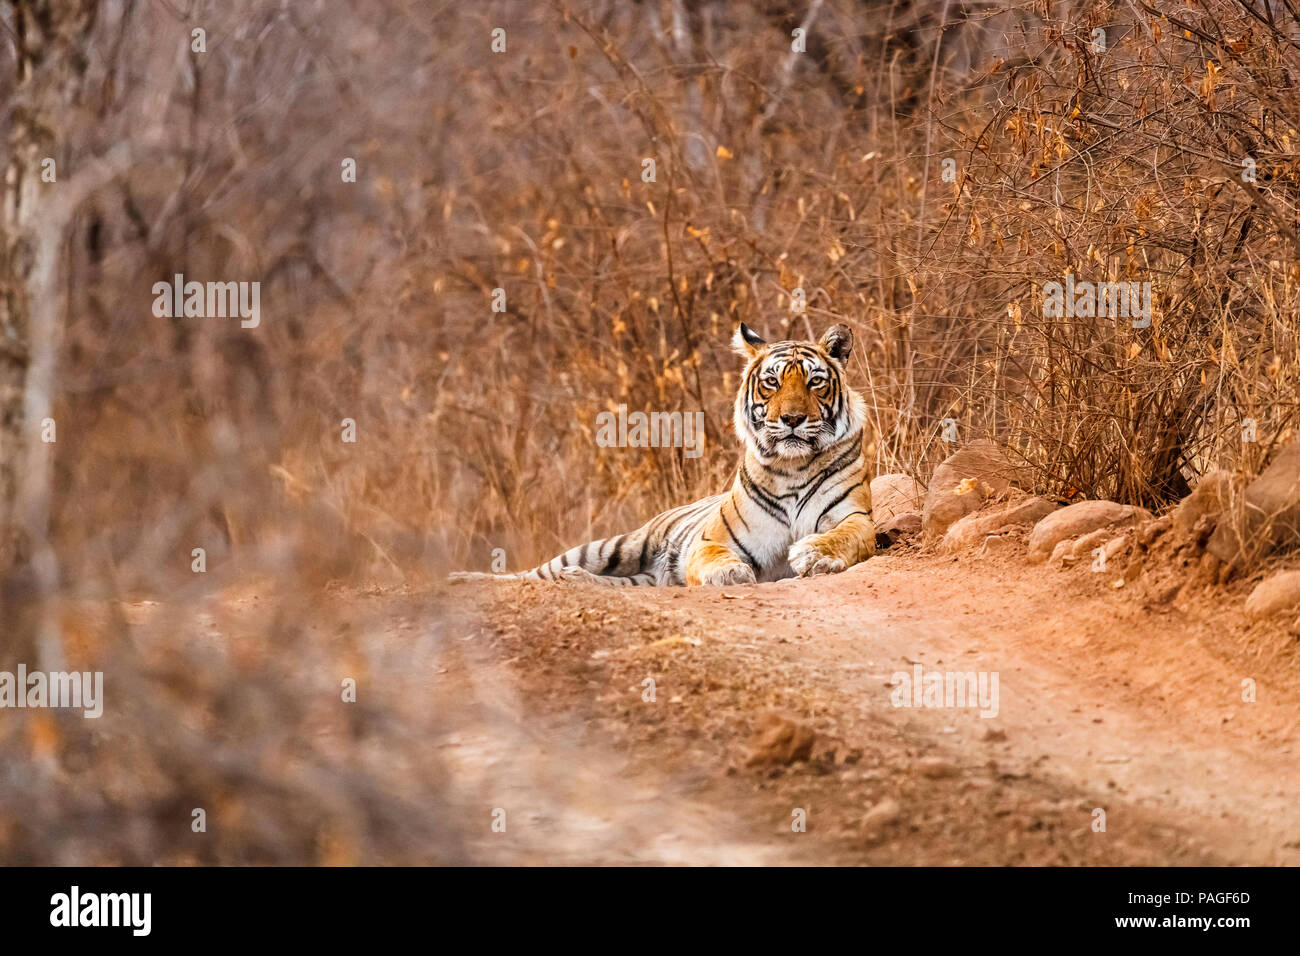 La faune indienne: Femme Tigre du Bengale (Panthera tigris) reposant sur une piste poussiéreuse d'alerte, le parc national de Ranthambore, Rajasthan, Inde du nord, saison sèche Photo Stock